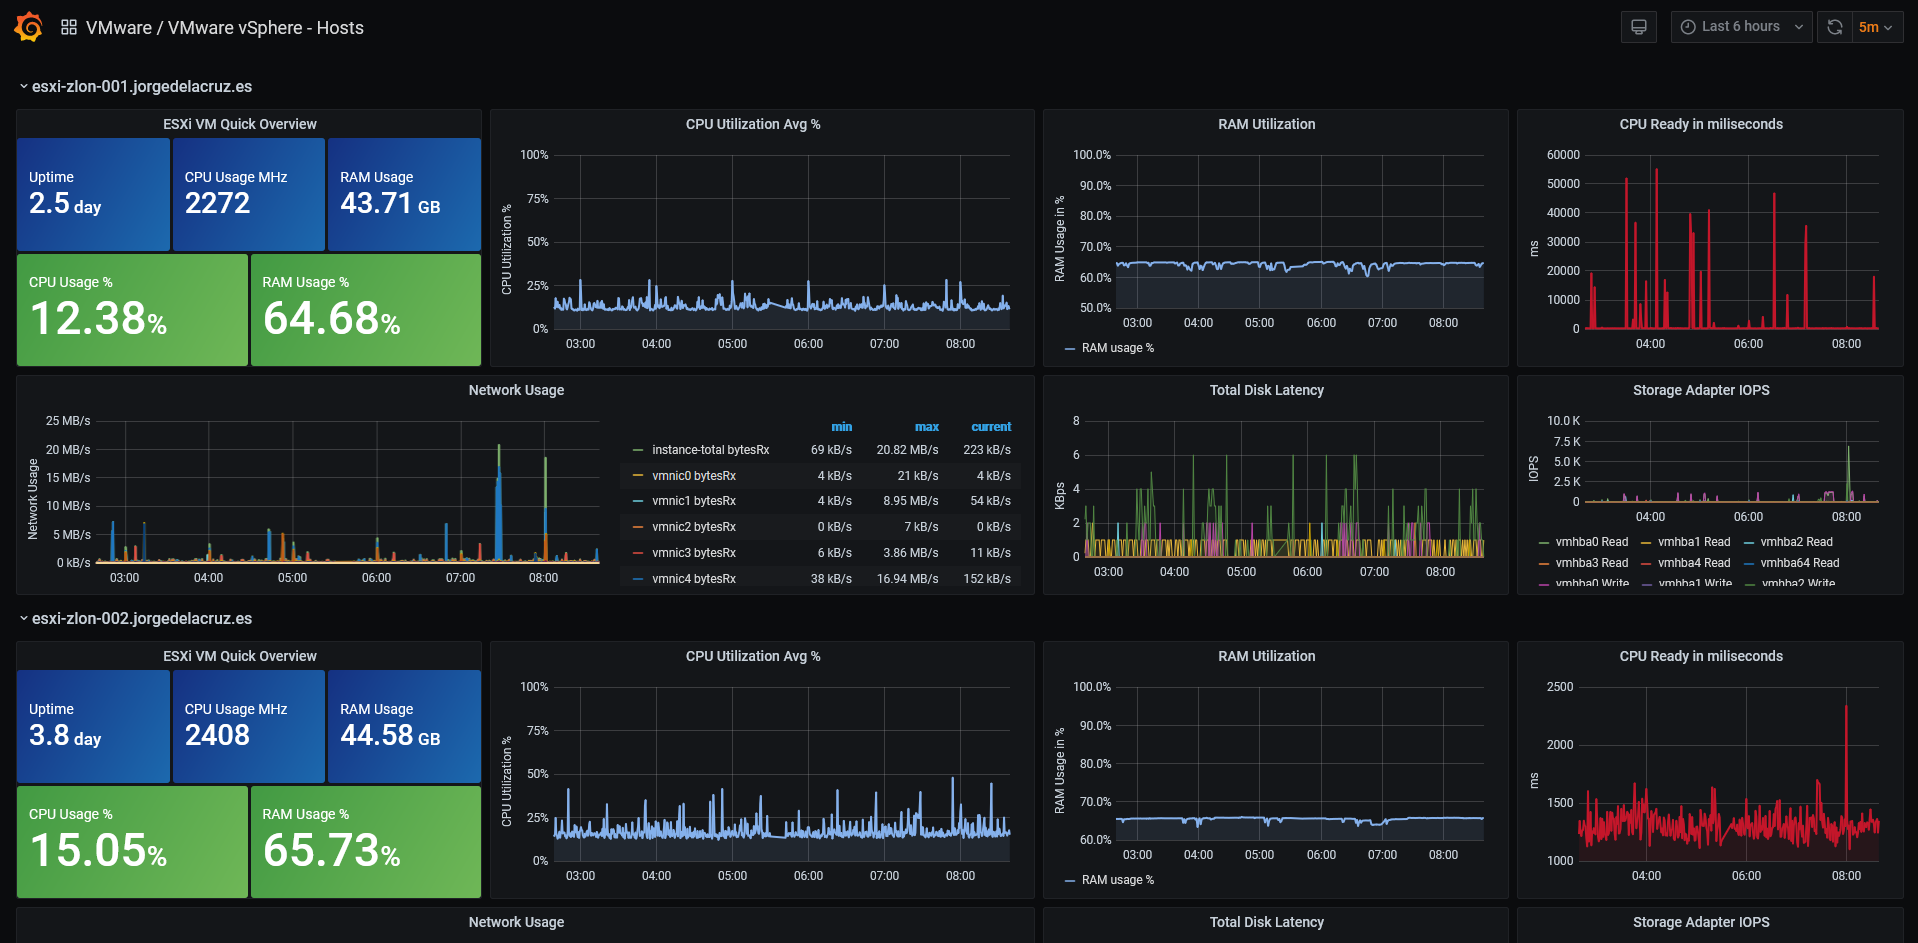 VMware vSphere Hosts Dashboard